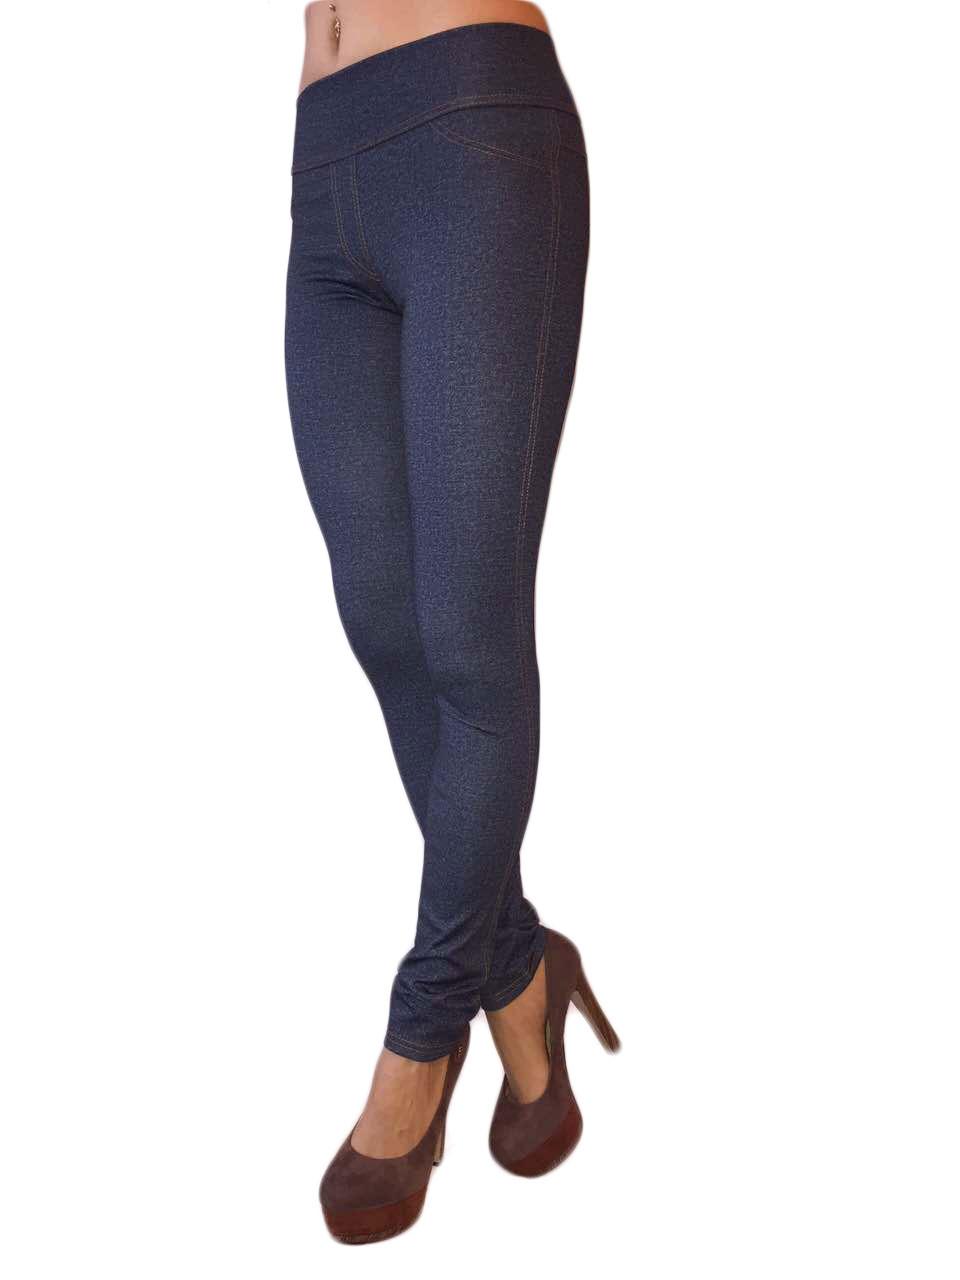 Женские лосины под джинсы синие